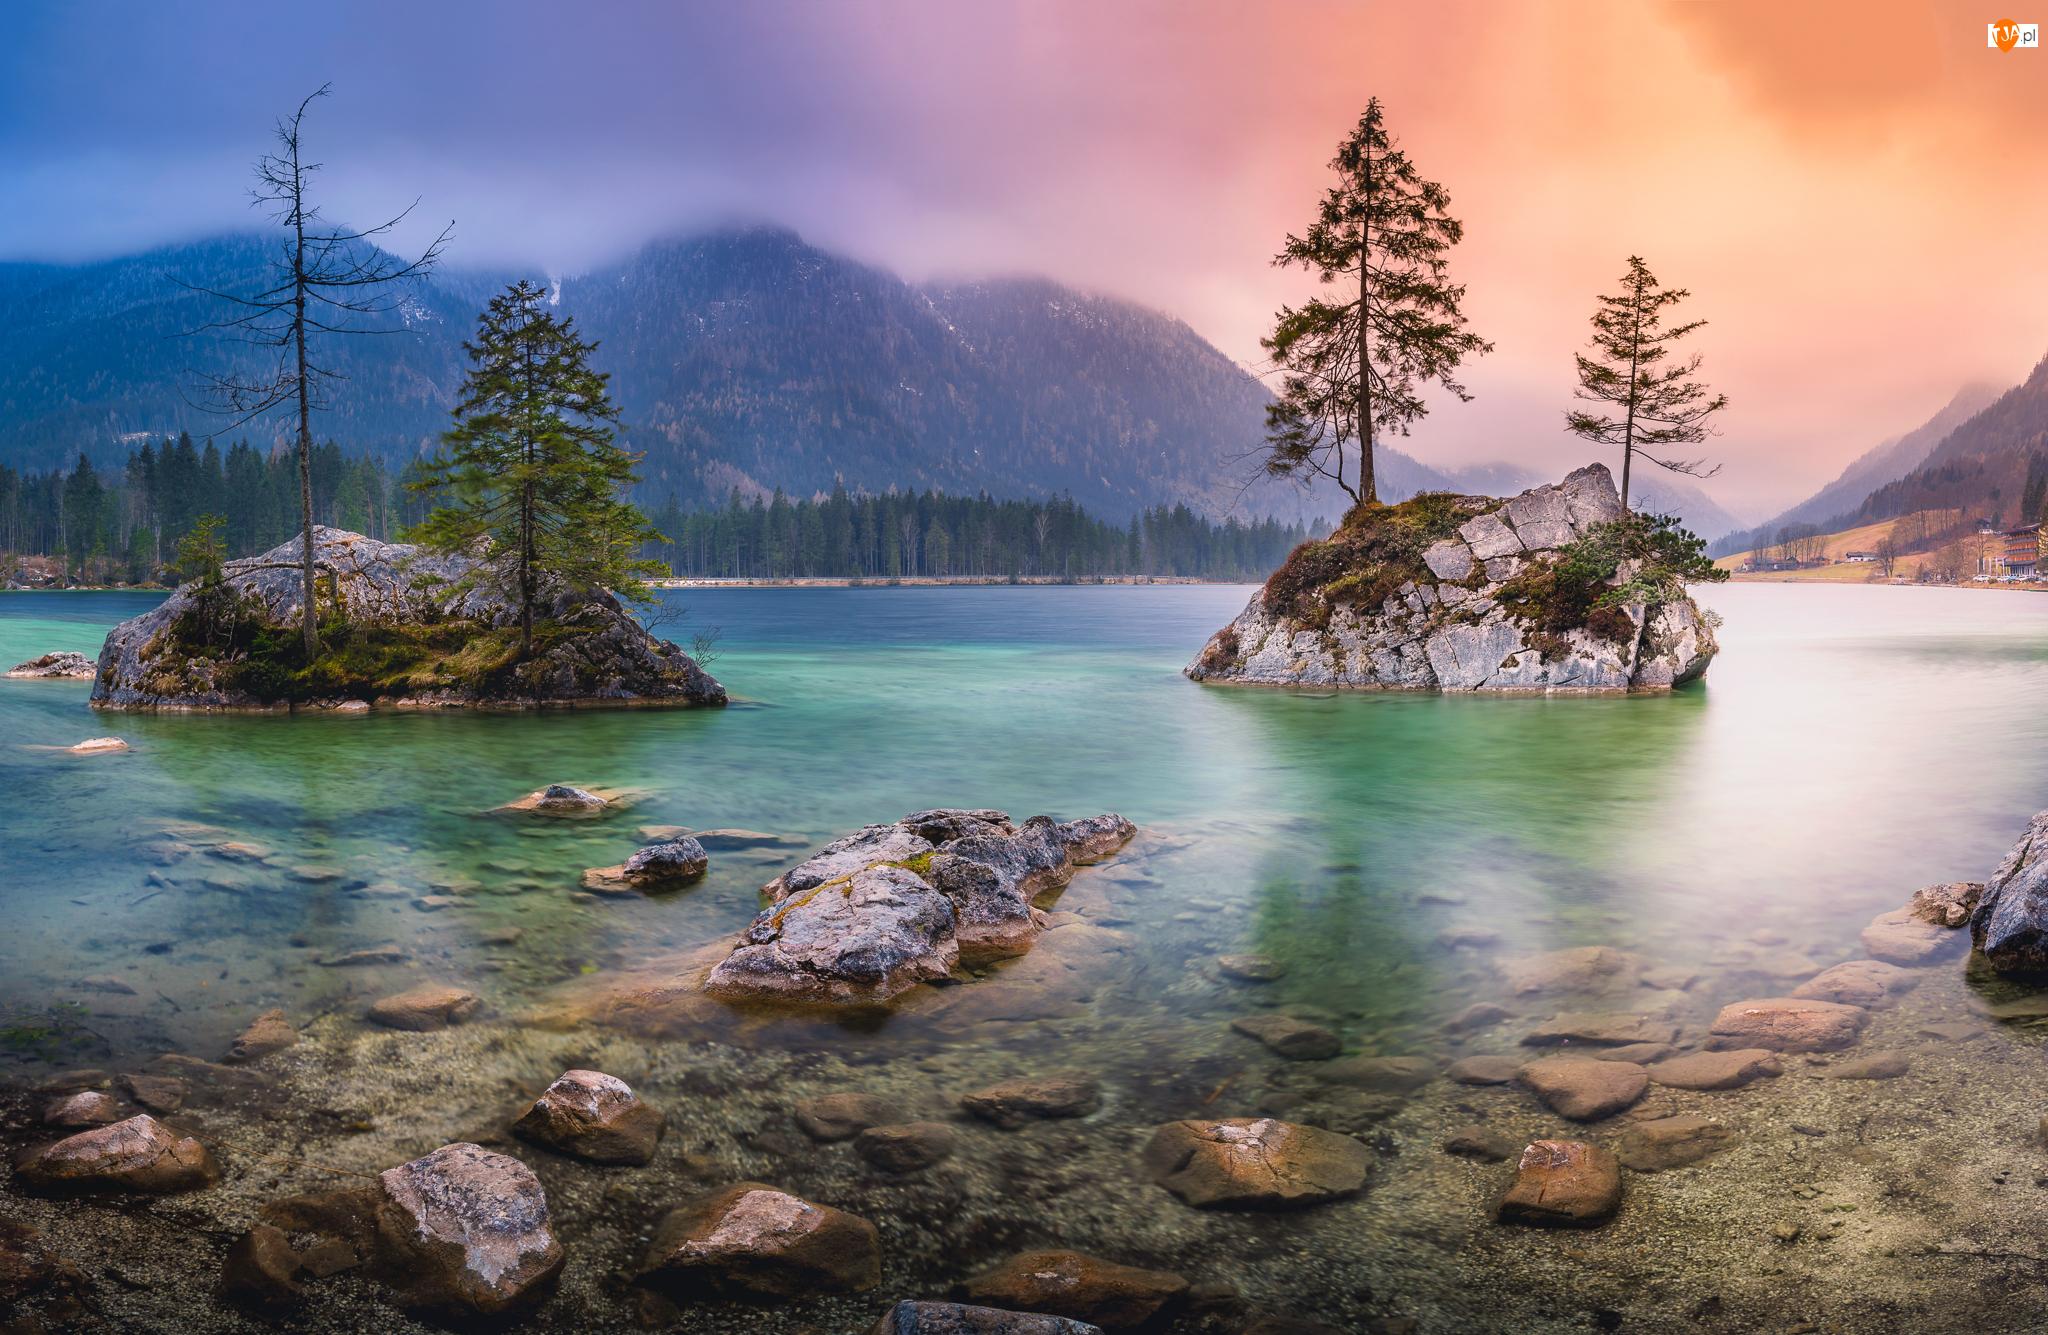 Skały, Drzewa, Niemcy, Jezioro Hintersee, Bawaria, Mgła, Góry Alpy